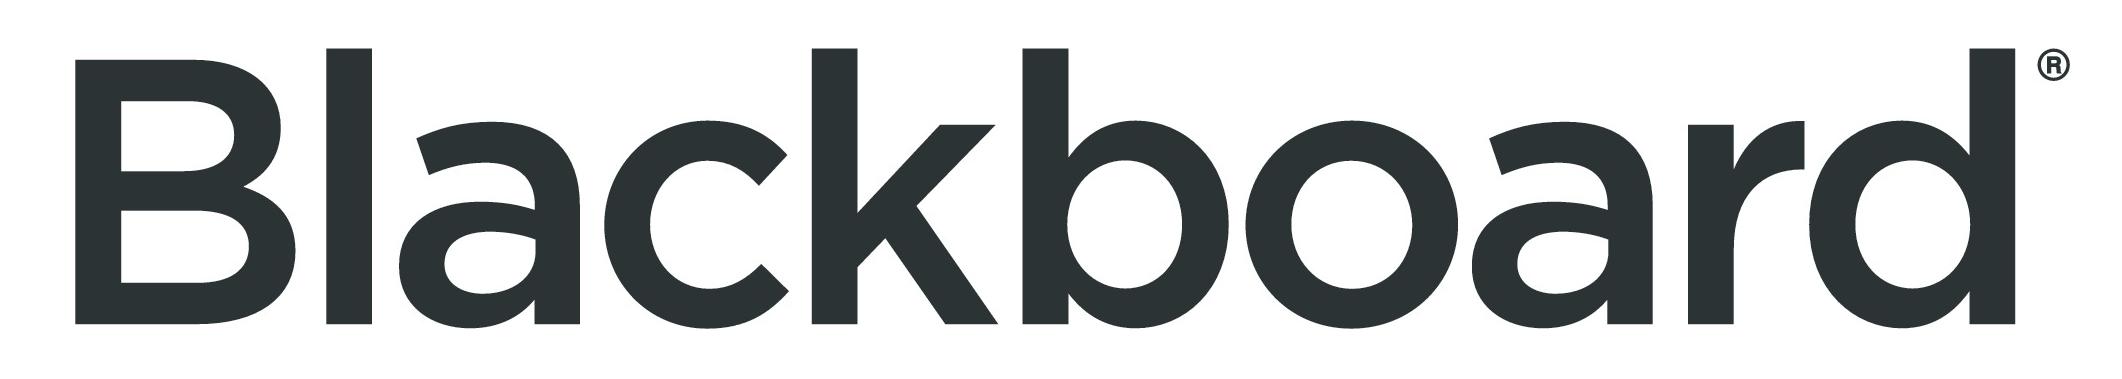 3-Bb_wordmark_4C_black-jpg.png